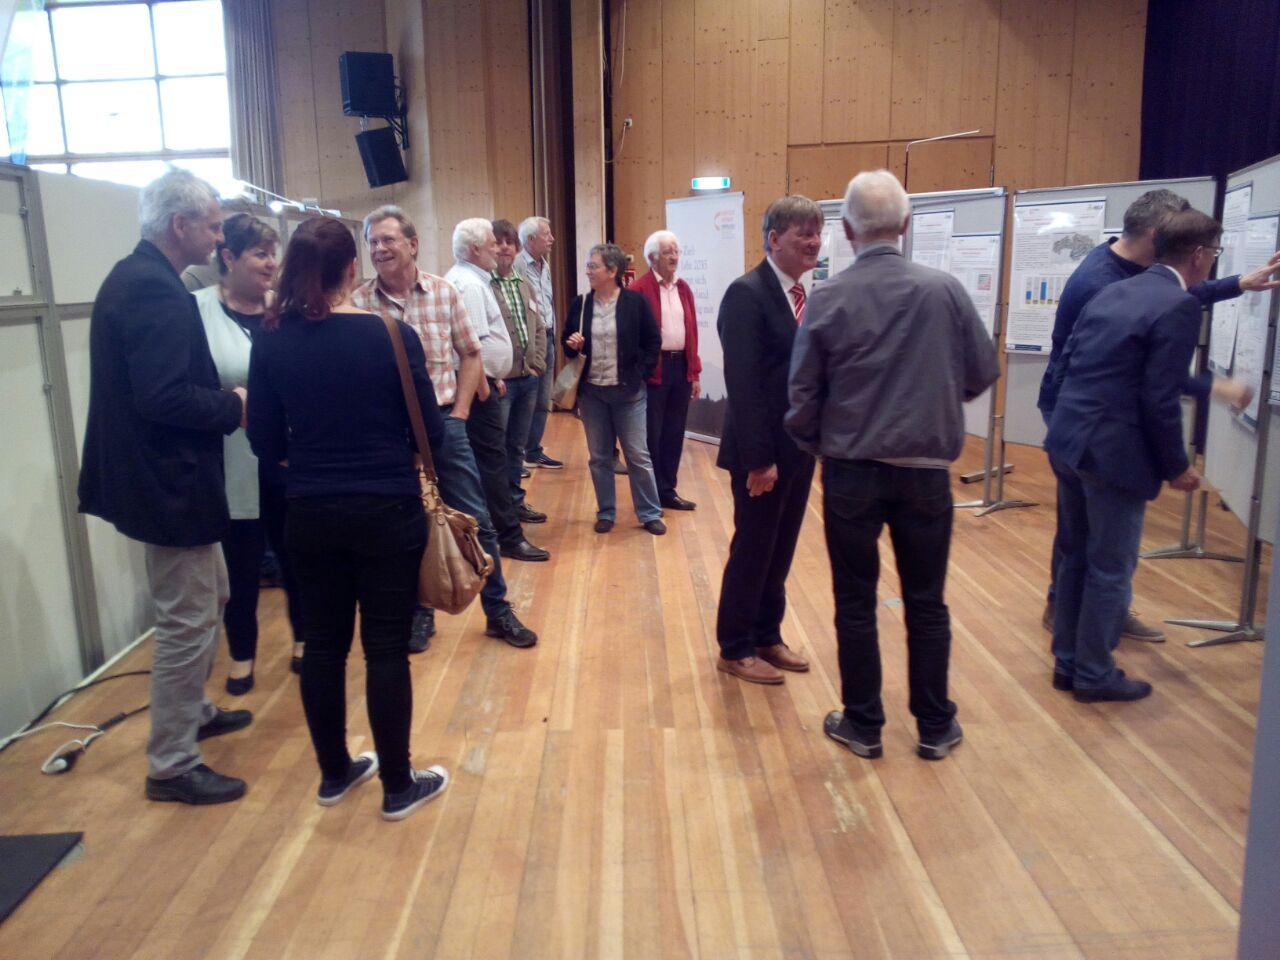 Posterausstellung auf der Energiemesse in Weiheim mit Landrätin Andrea Jochner-Weiß